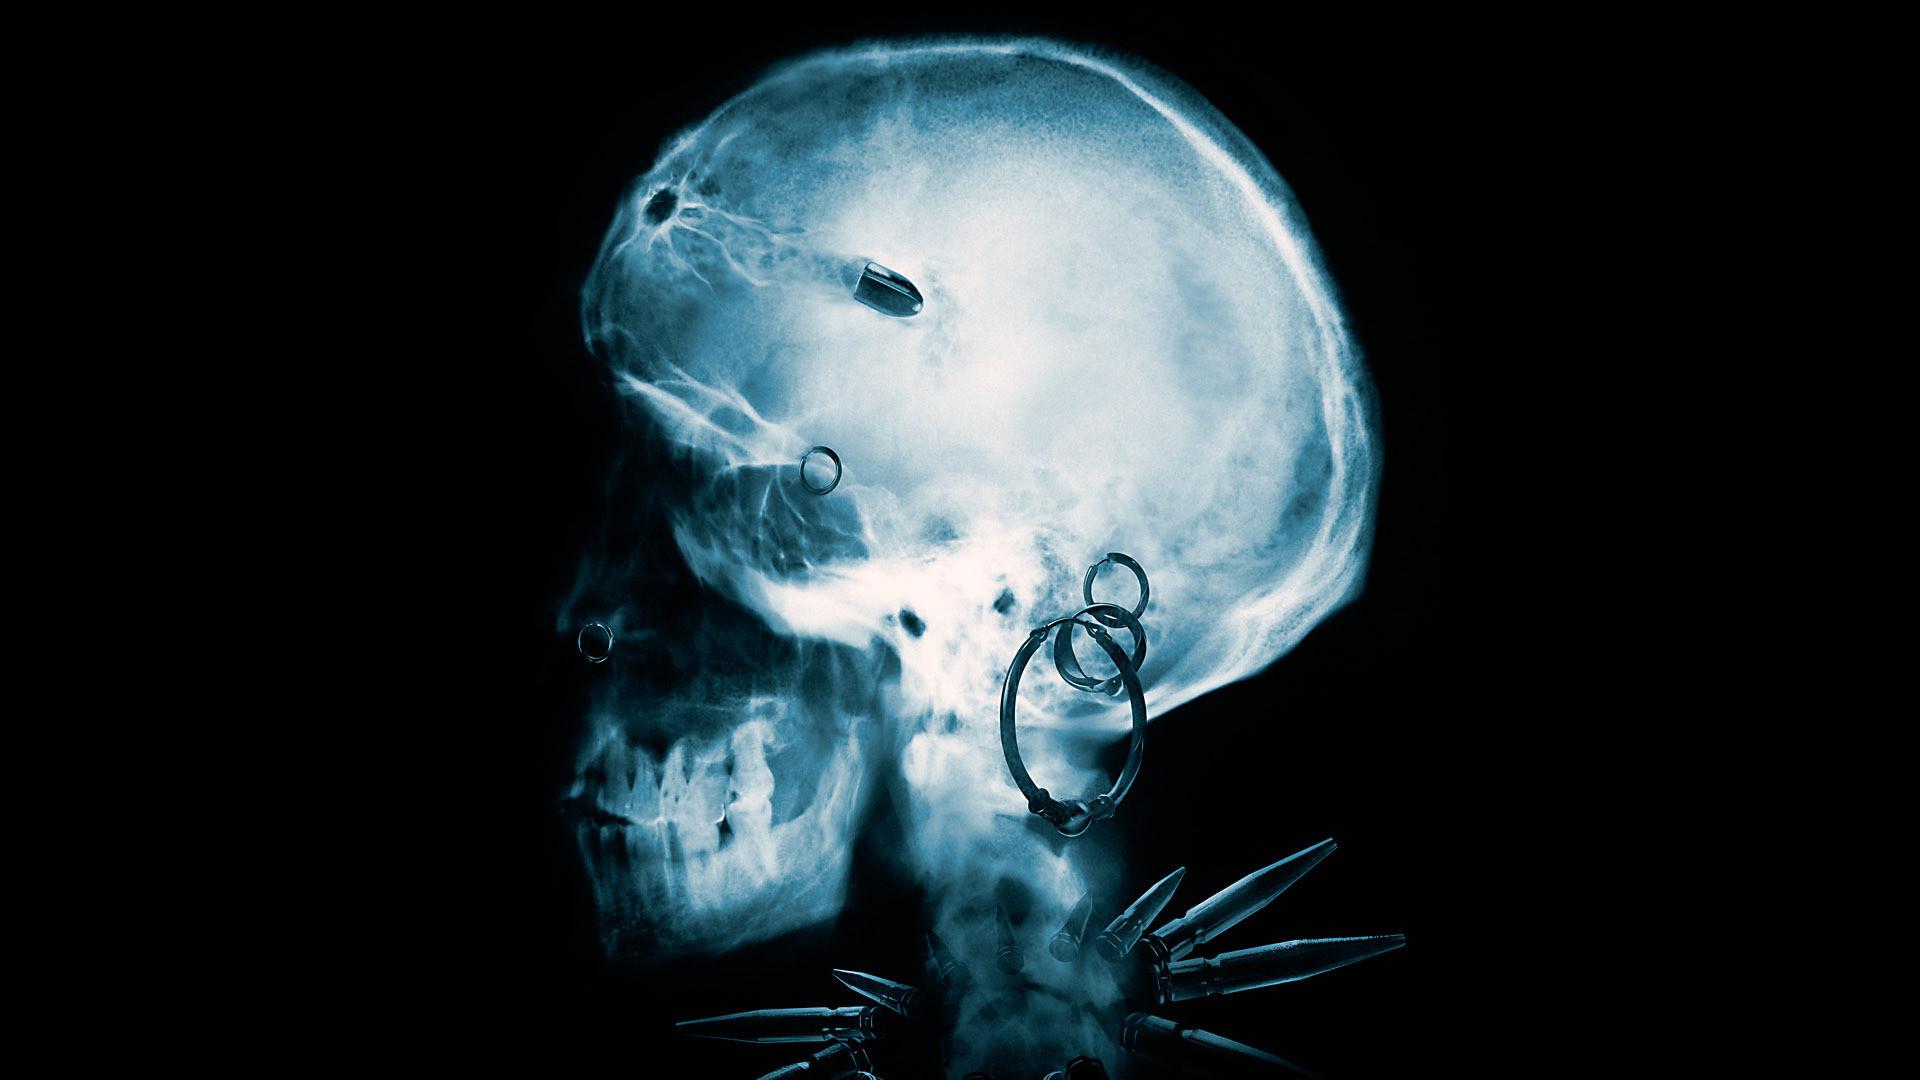 GIRL WHO KICKED THE HORNETS NEST x-ray skull skulls dark horror .